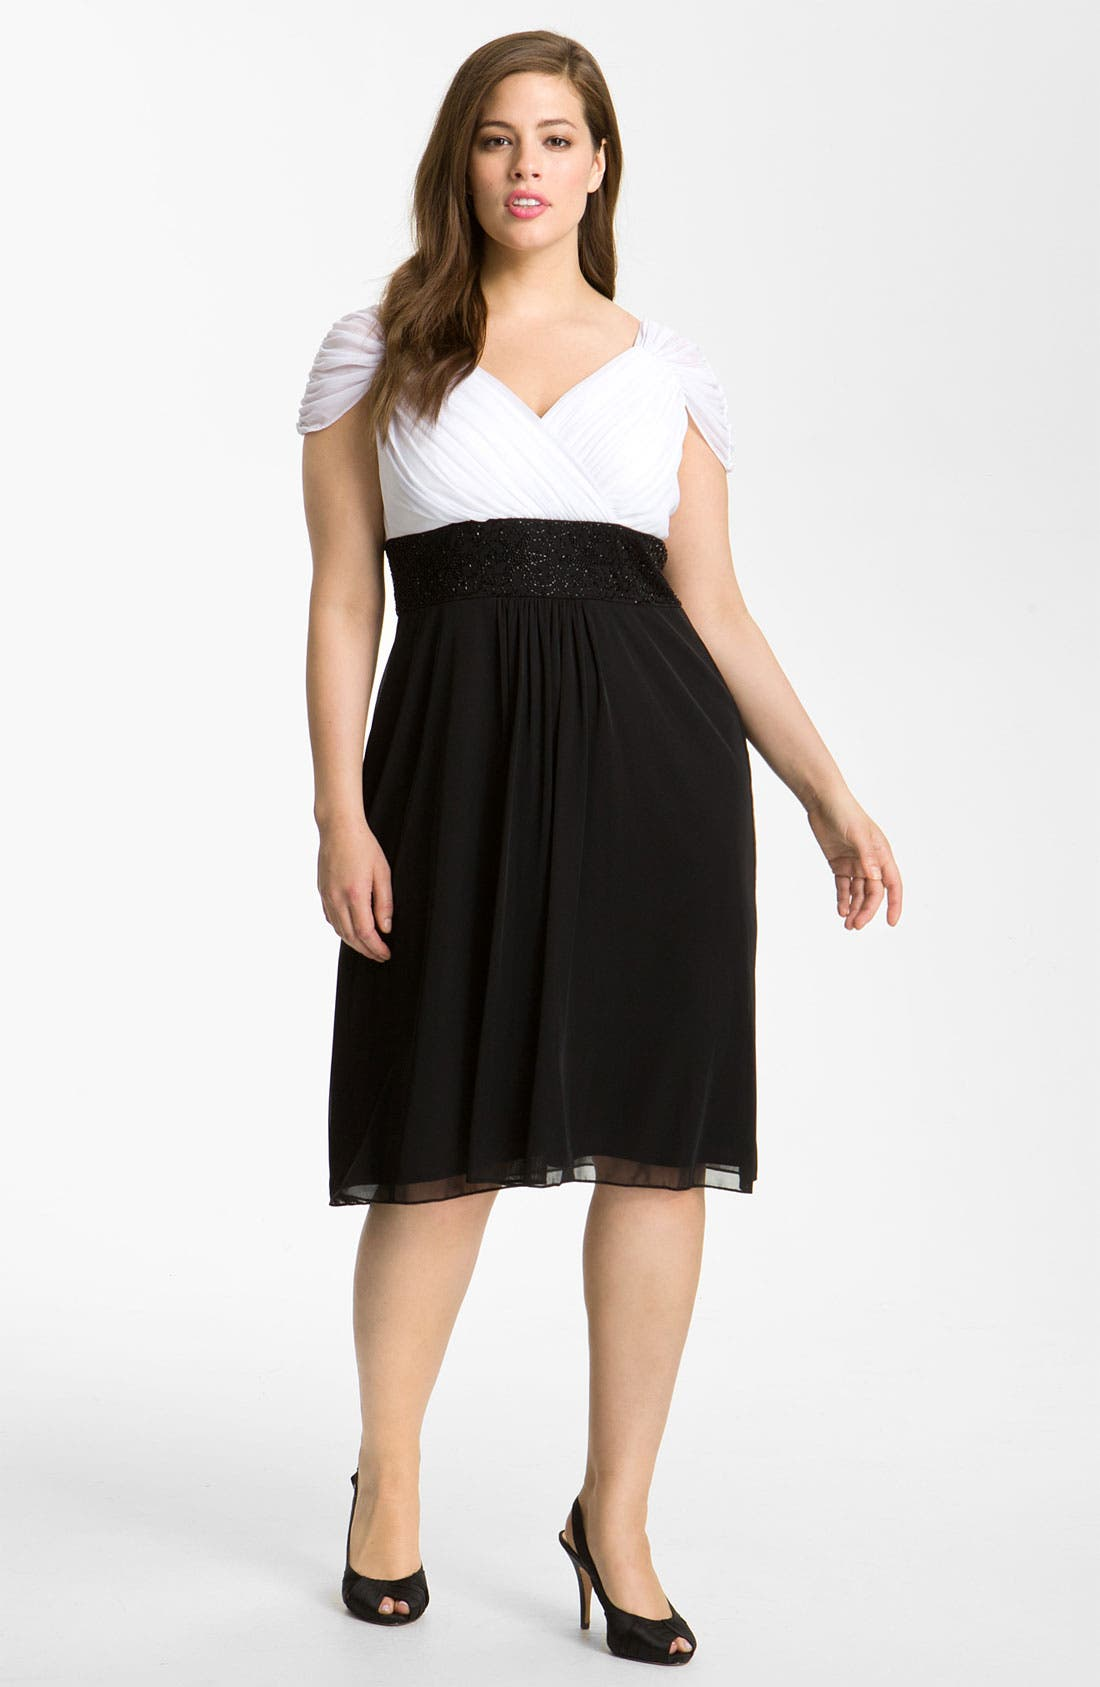 Alternate Image 1 Selected - Alex Evenings Beaded Surplice Dress (Plus)